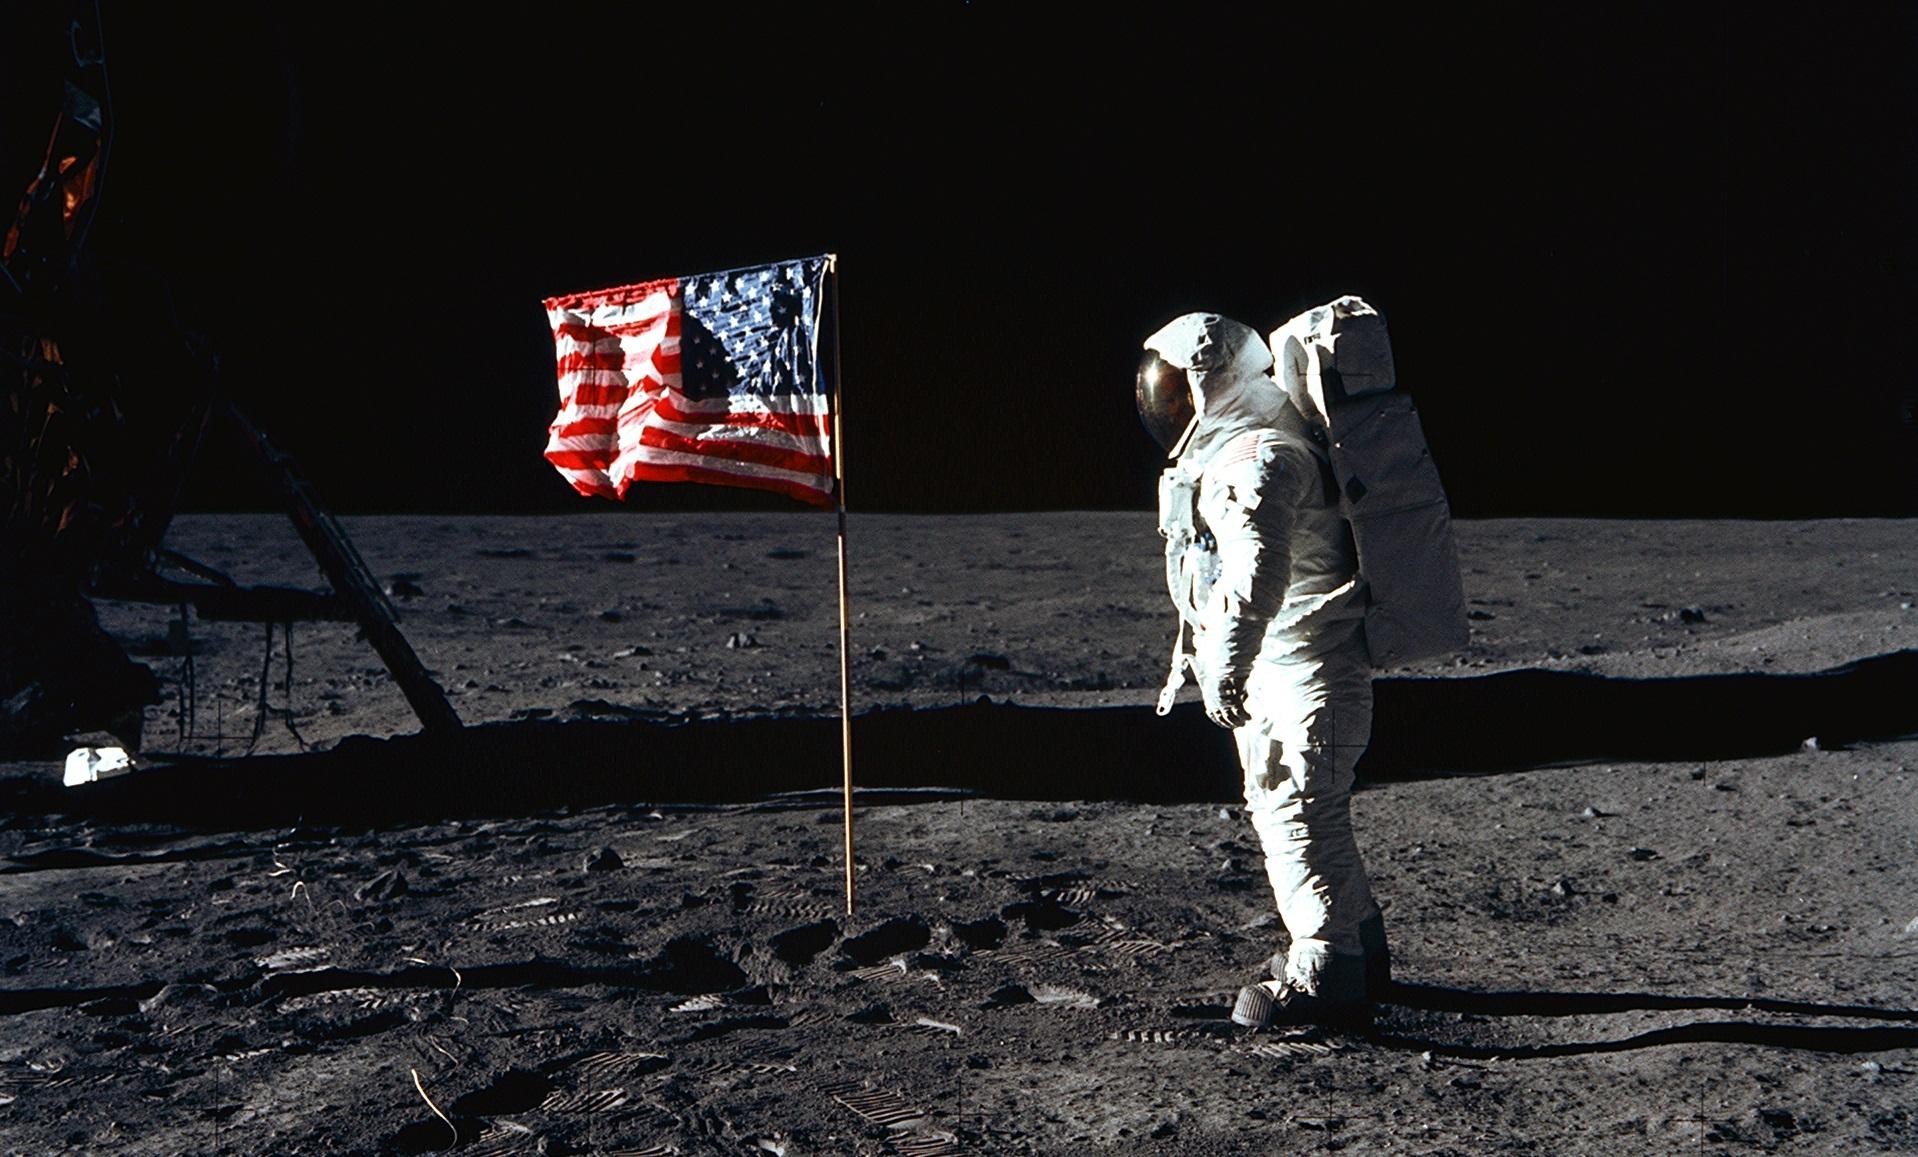 Sbarco sulla Luna, Russia solleva nuovo polverone